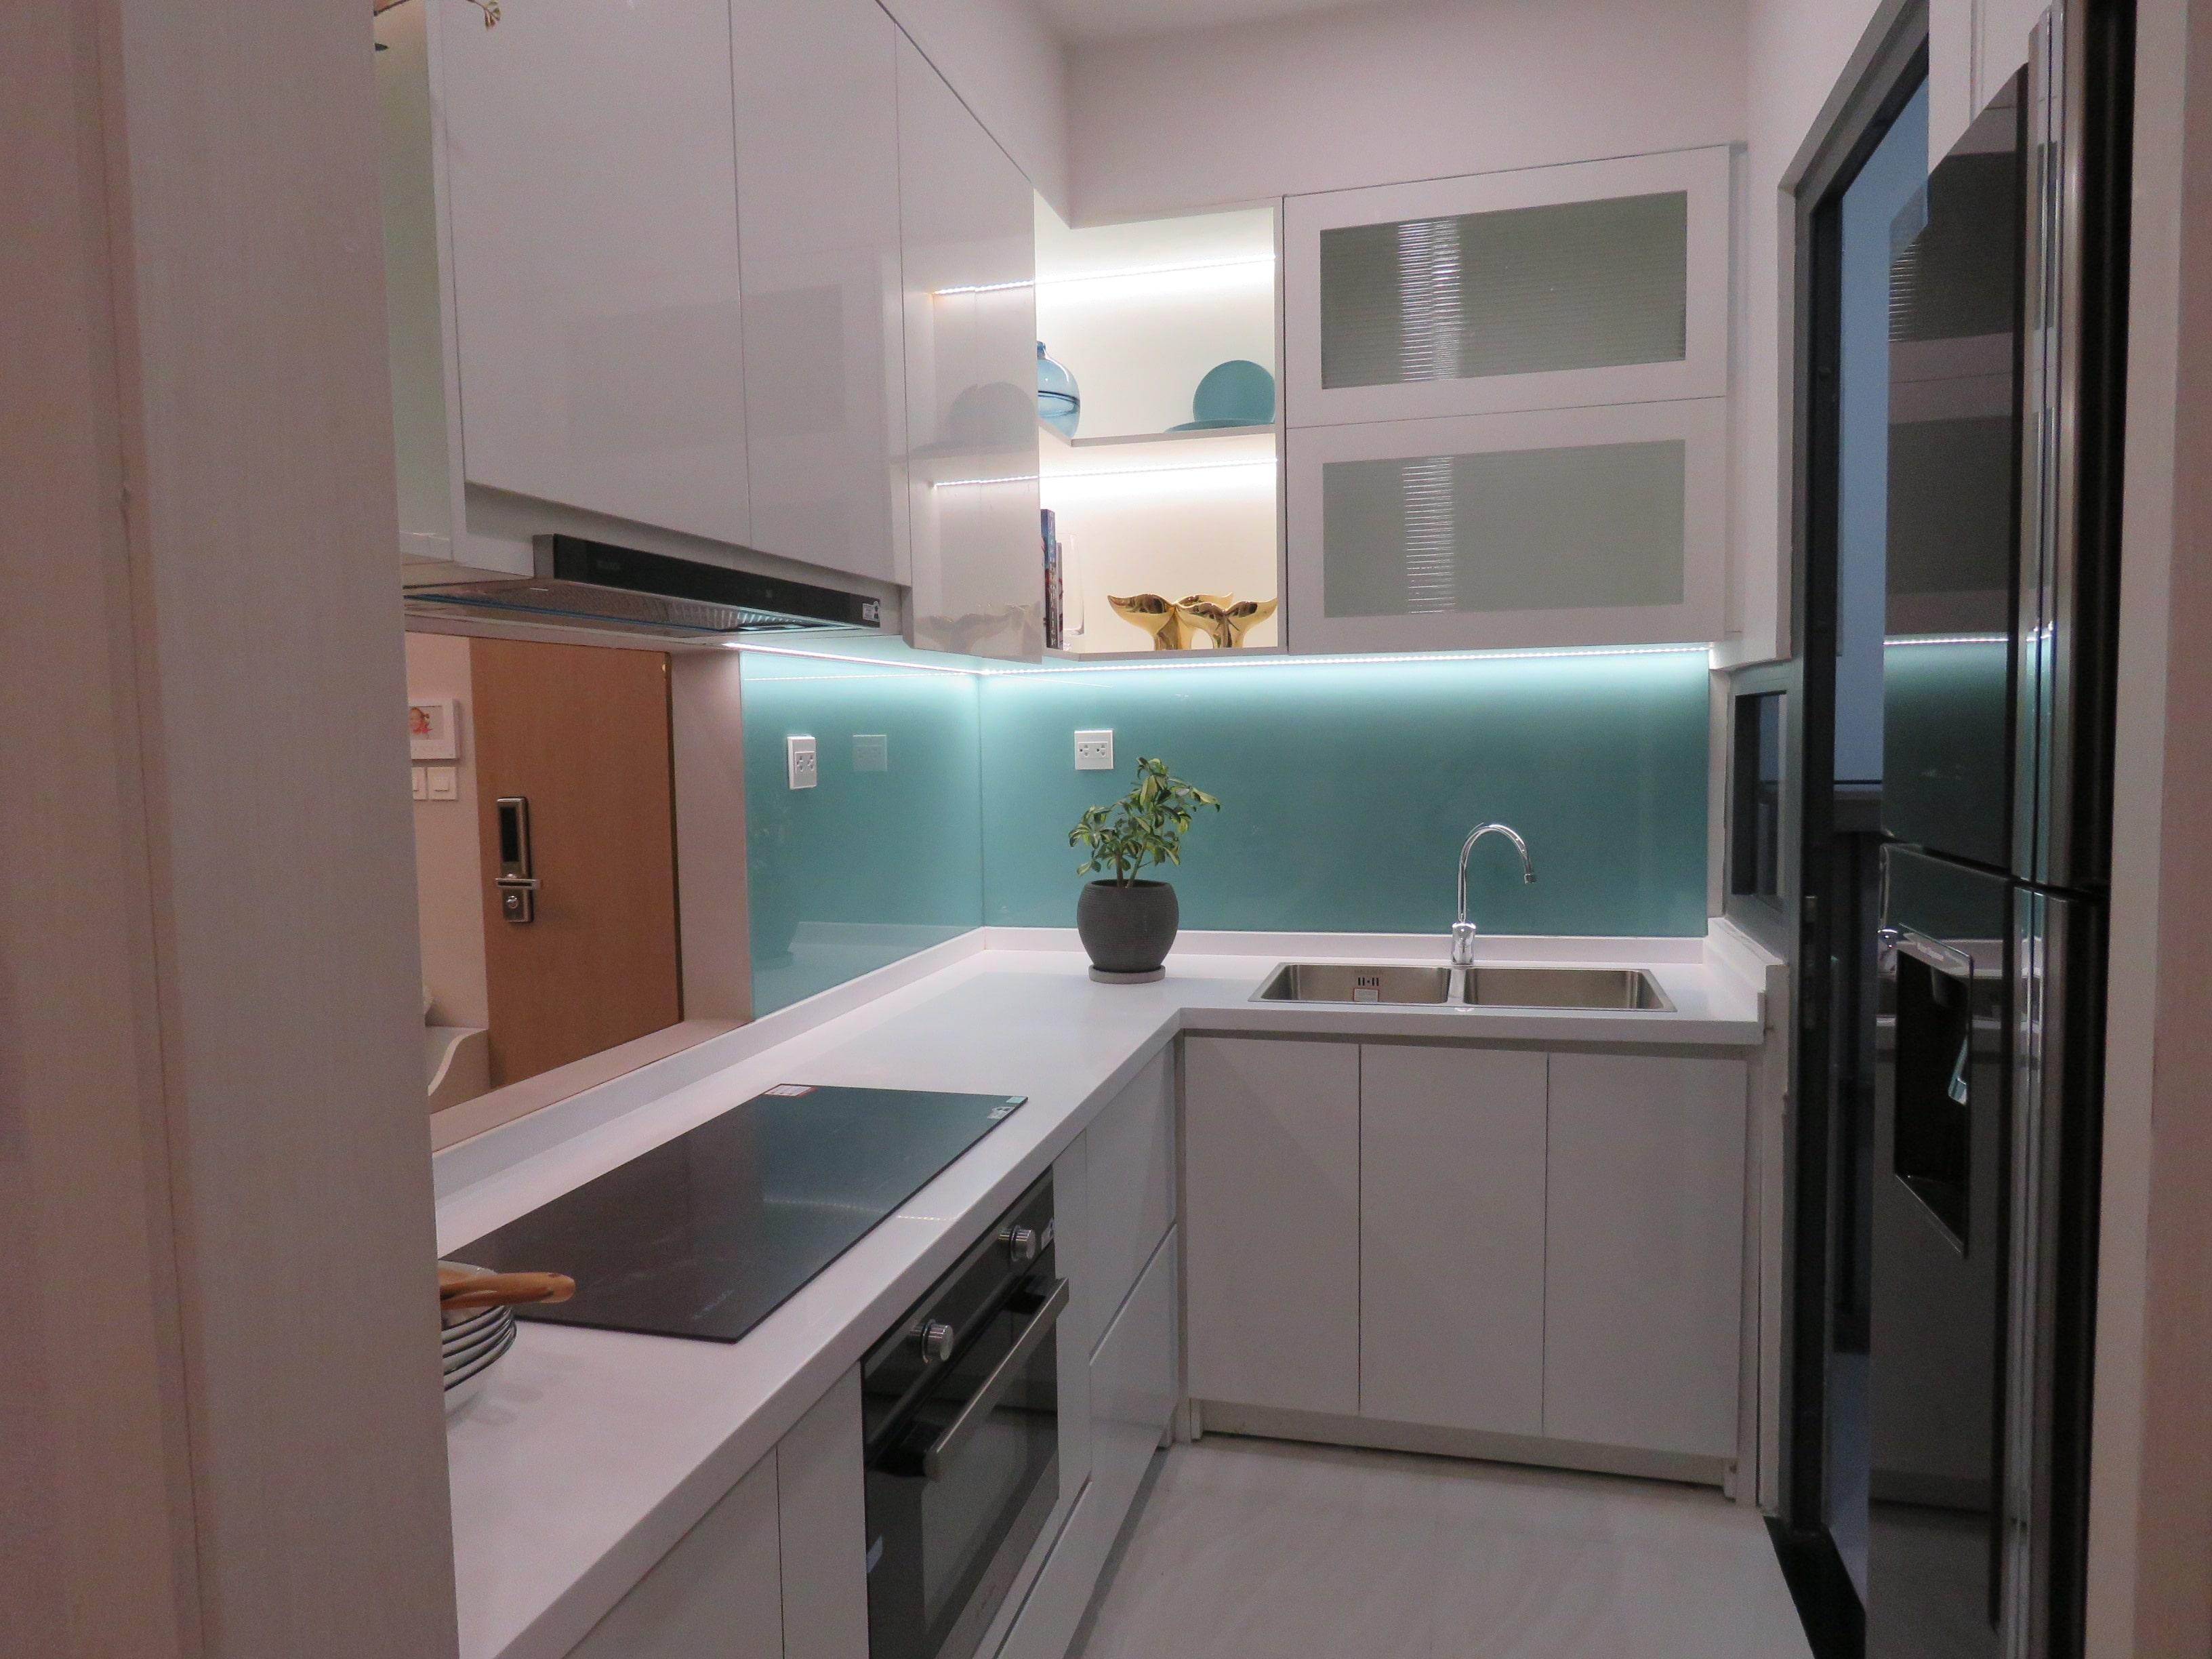 Thiết kế bếp đóng tại căn hộ D-Homme